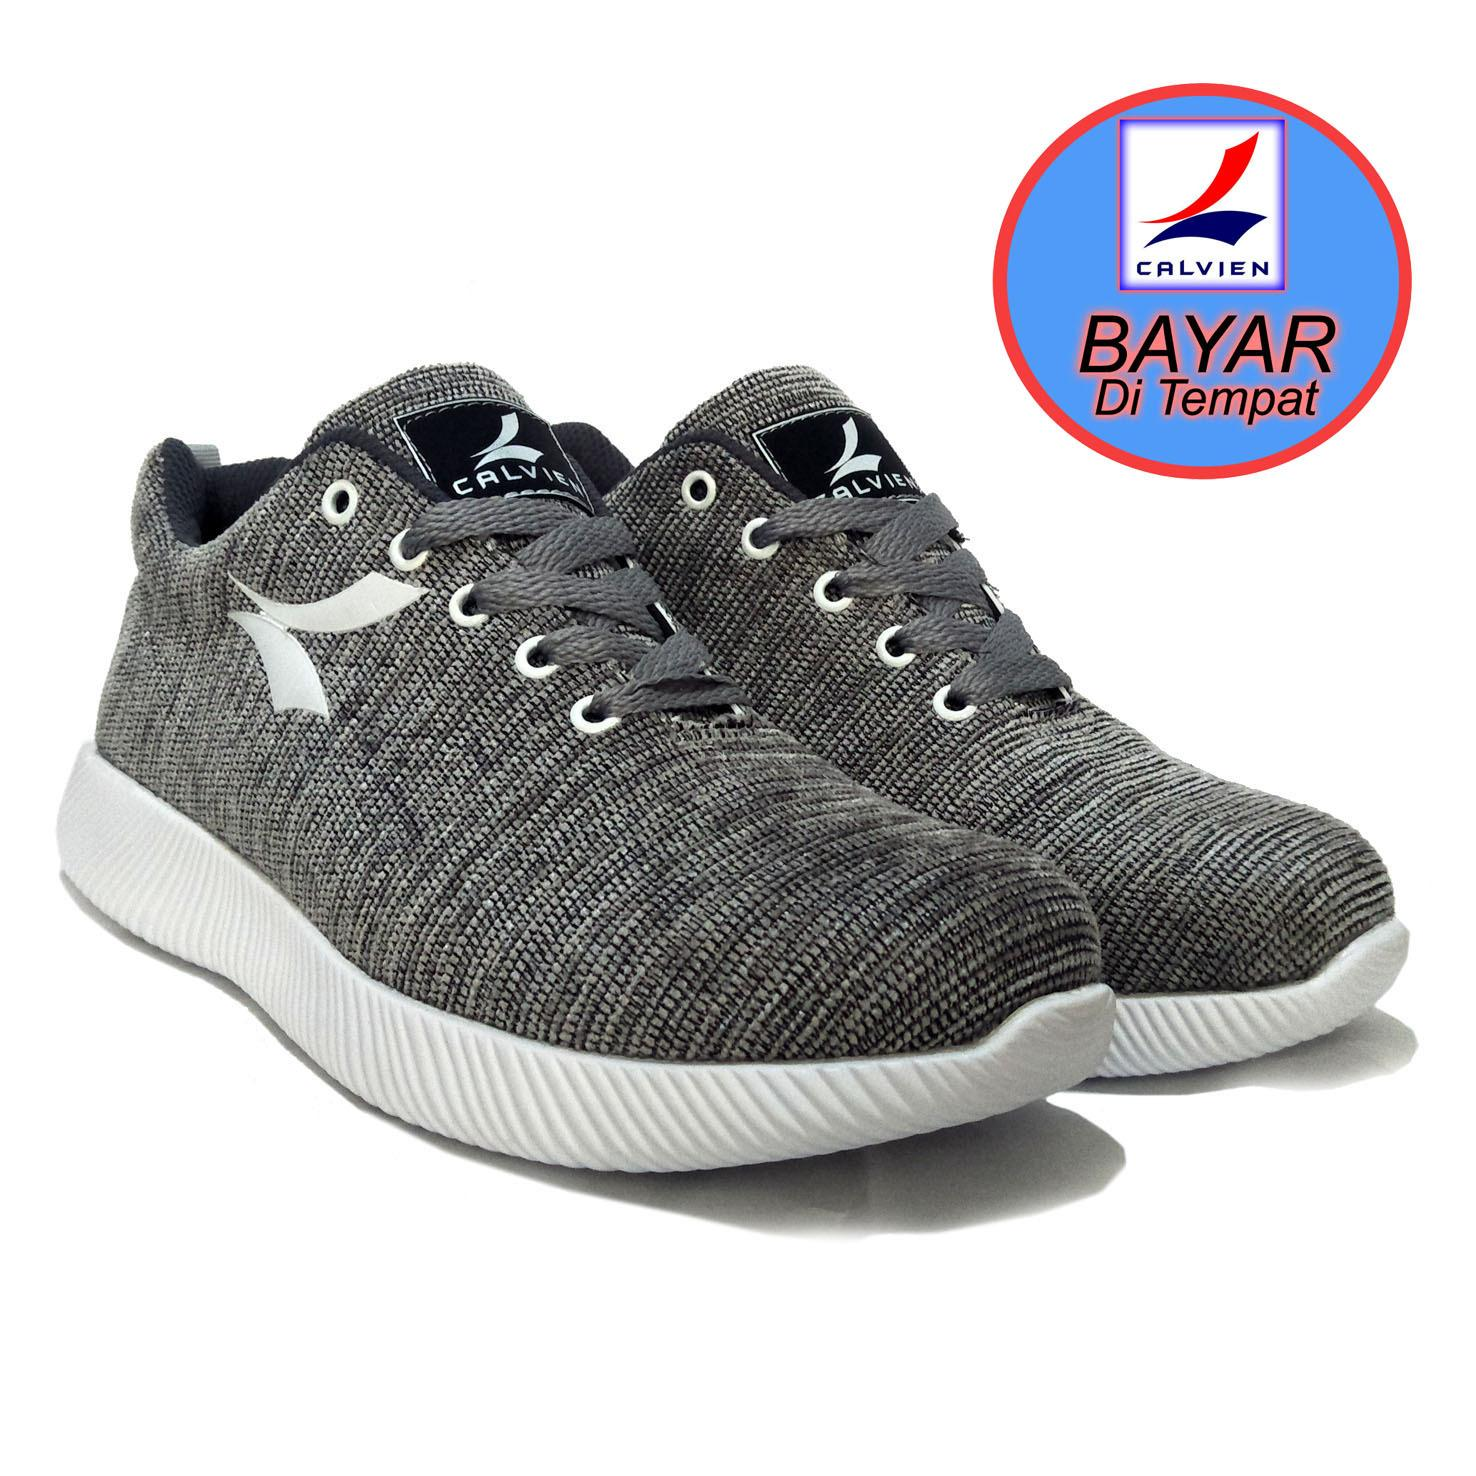 Calvien Sepatu Pria Sneakers Sepatu Pria Kets Sepatu Olah Raga Sepatu  Kasual Kode ce41fa3556